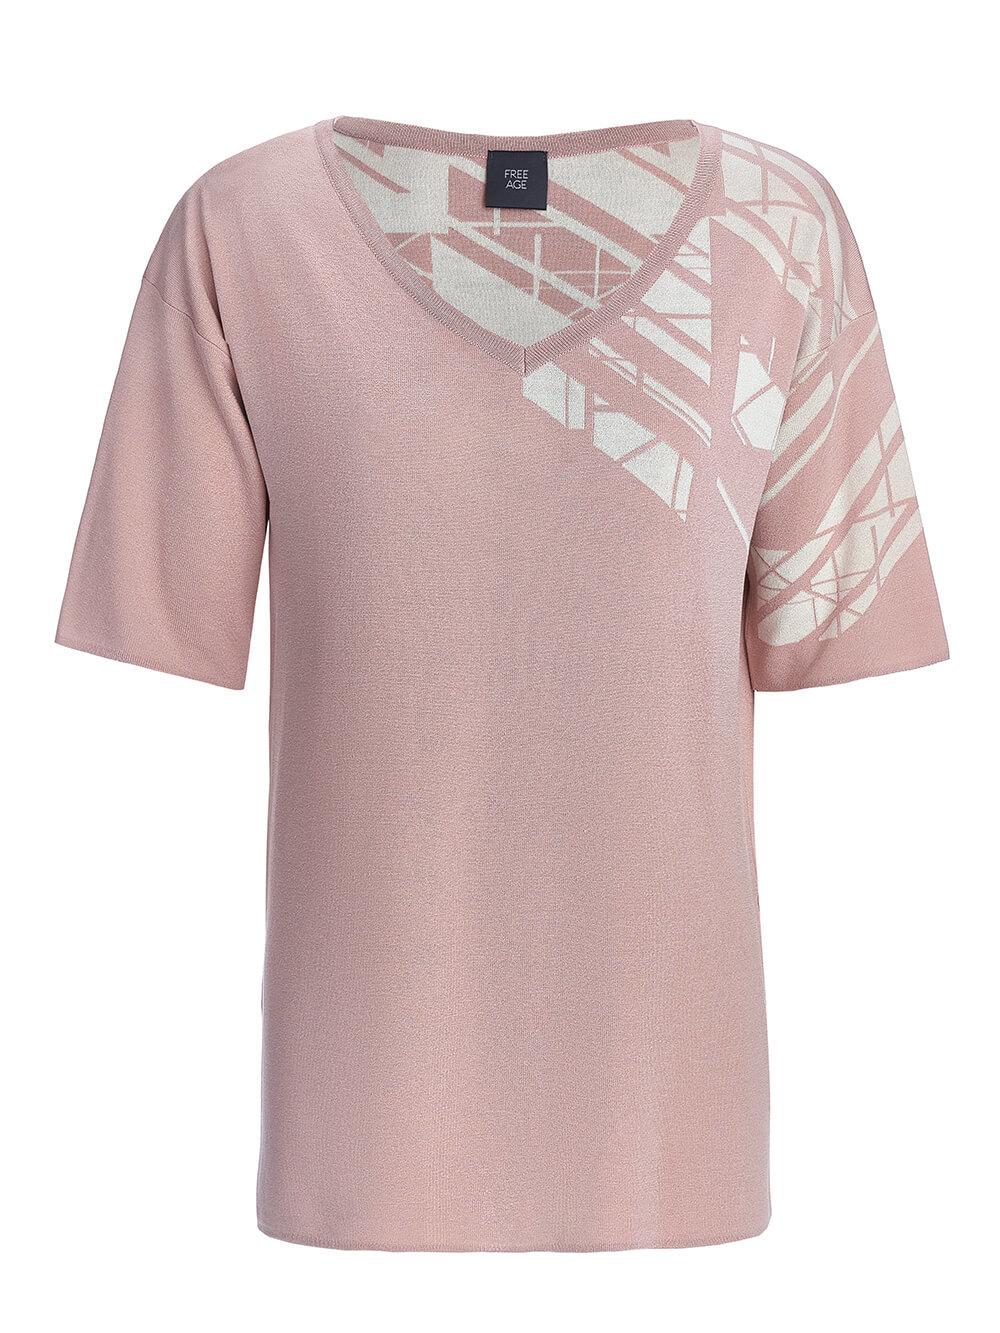 Женский джемпер светло-розового цвета с контрастным принтом из шелка и вискозы - фото 1